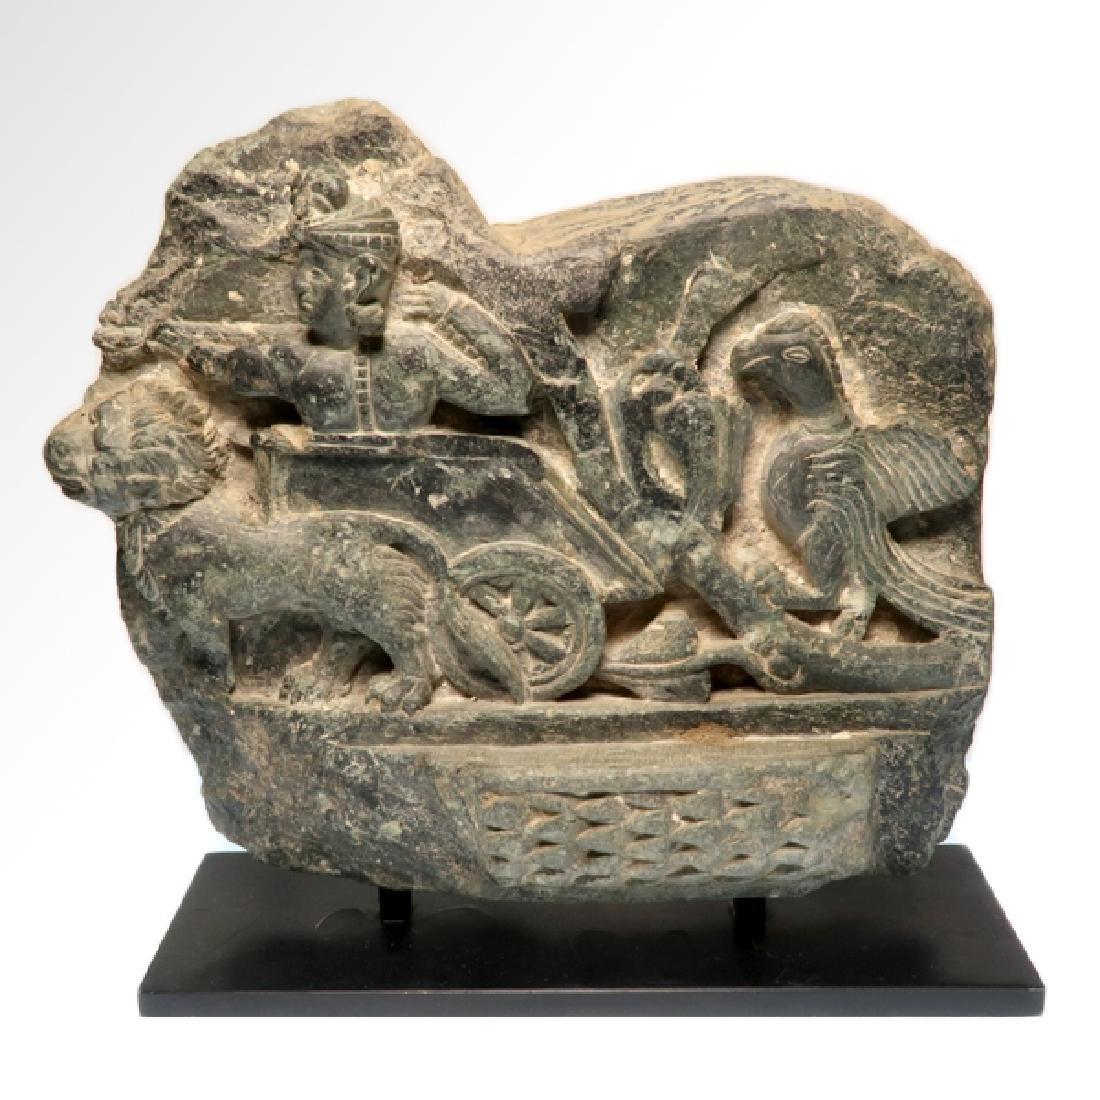 Large Gandhara Schist Relief with Bodhisattva, c.